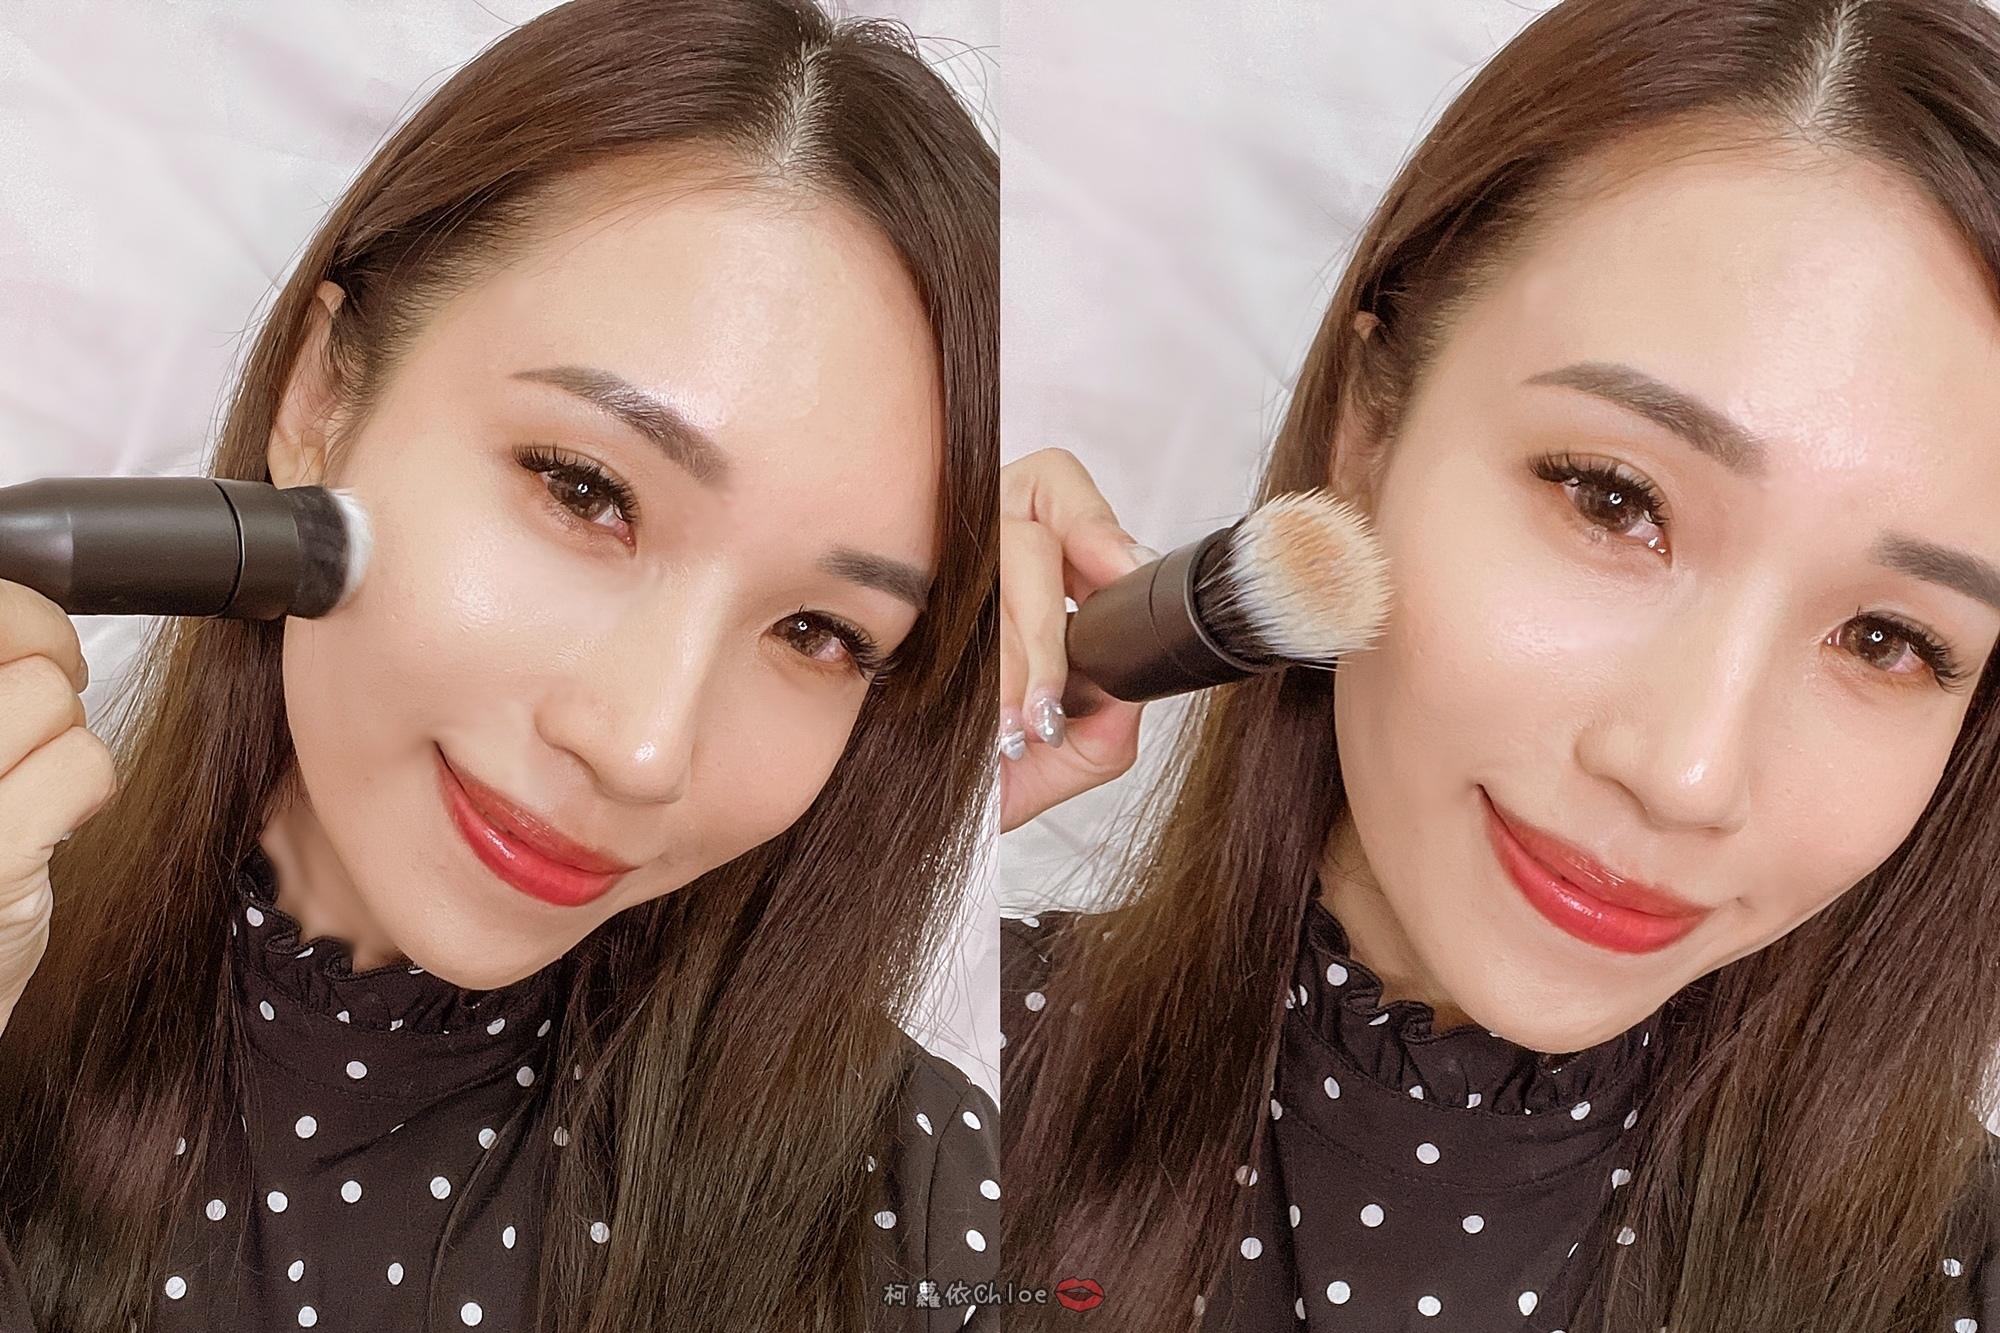 彩妝工具推薦 blendSMART電動化妝刷 達人套裝開箱 上妝輕柔更有效率21.jpg